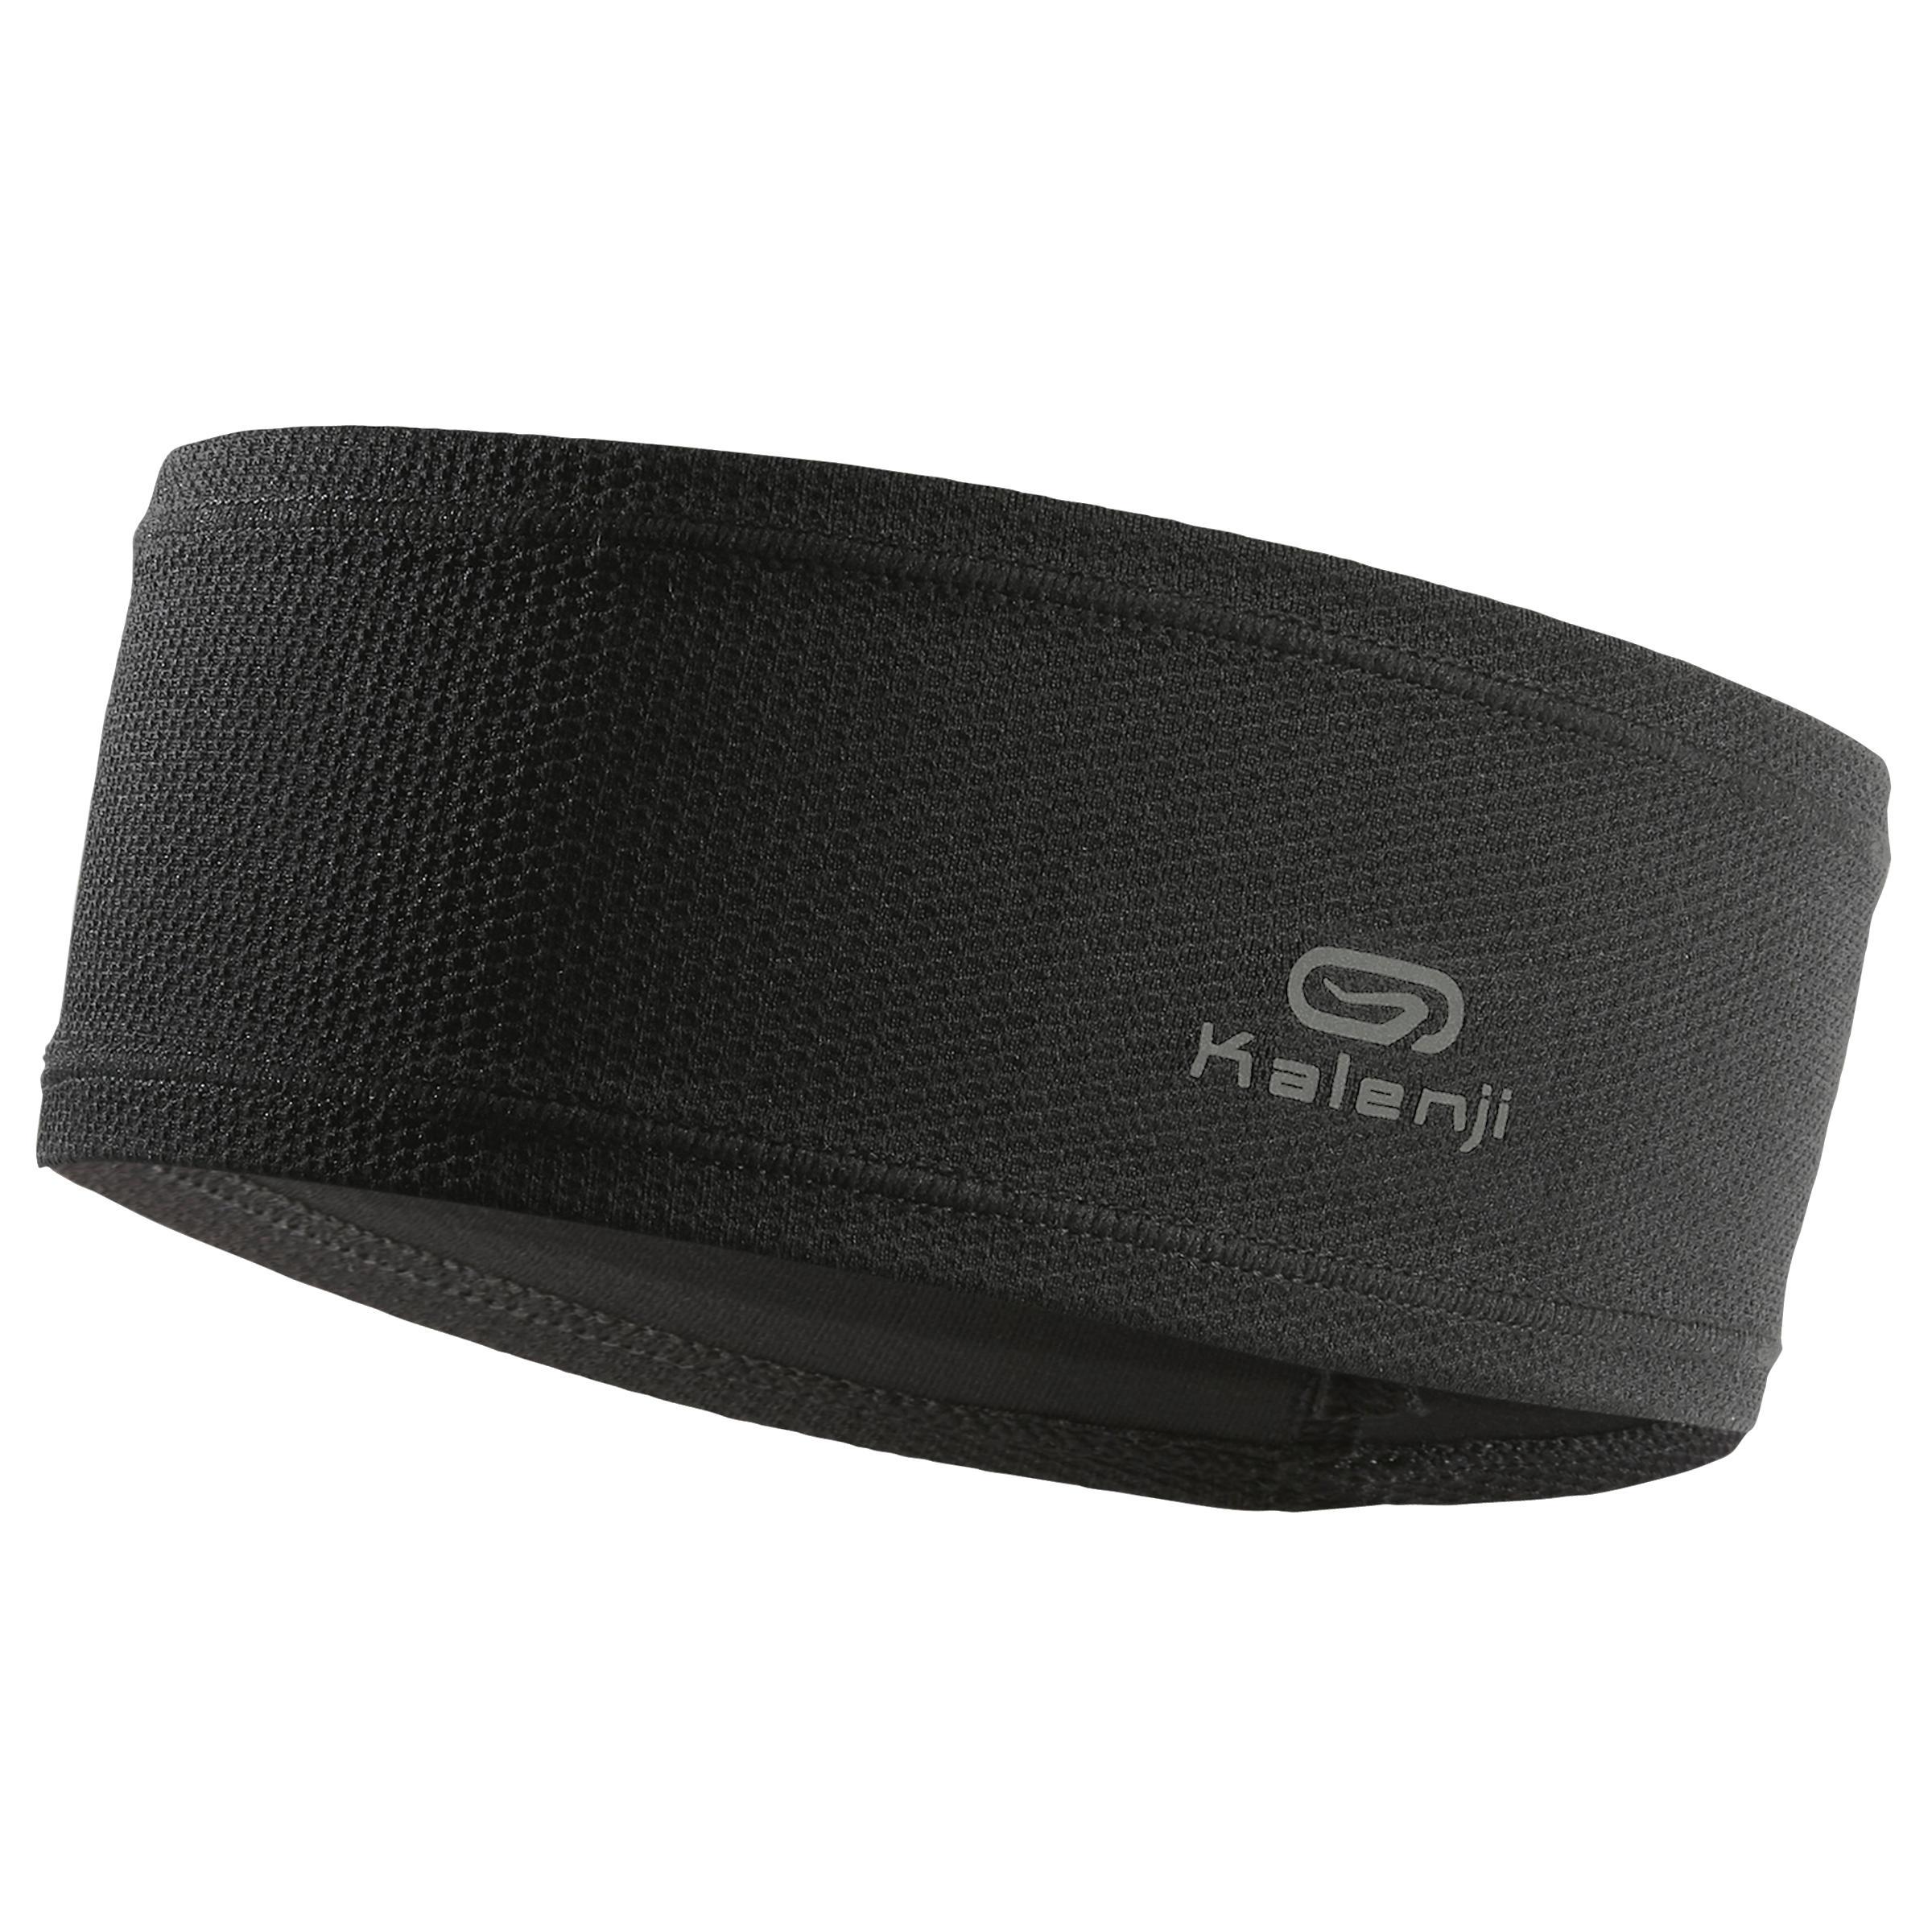 Lauf-Stirnband schwarz | Accessoires > Mützen > Stirnbänder | Schwarz | Kalenji